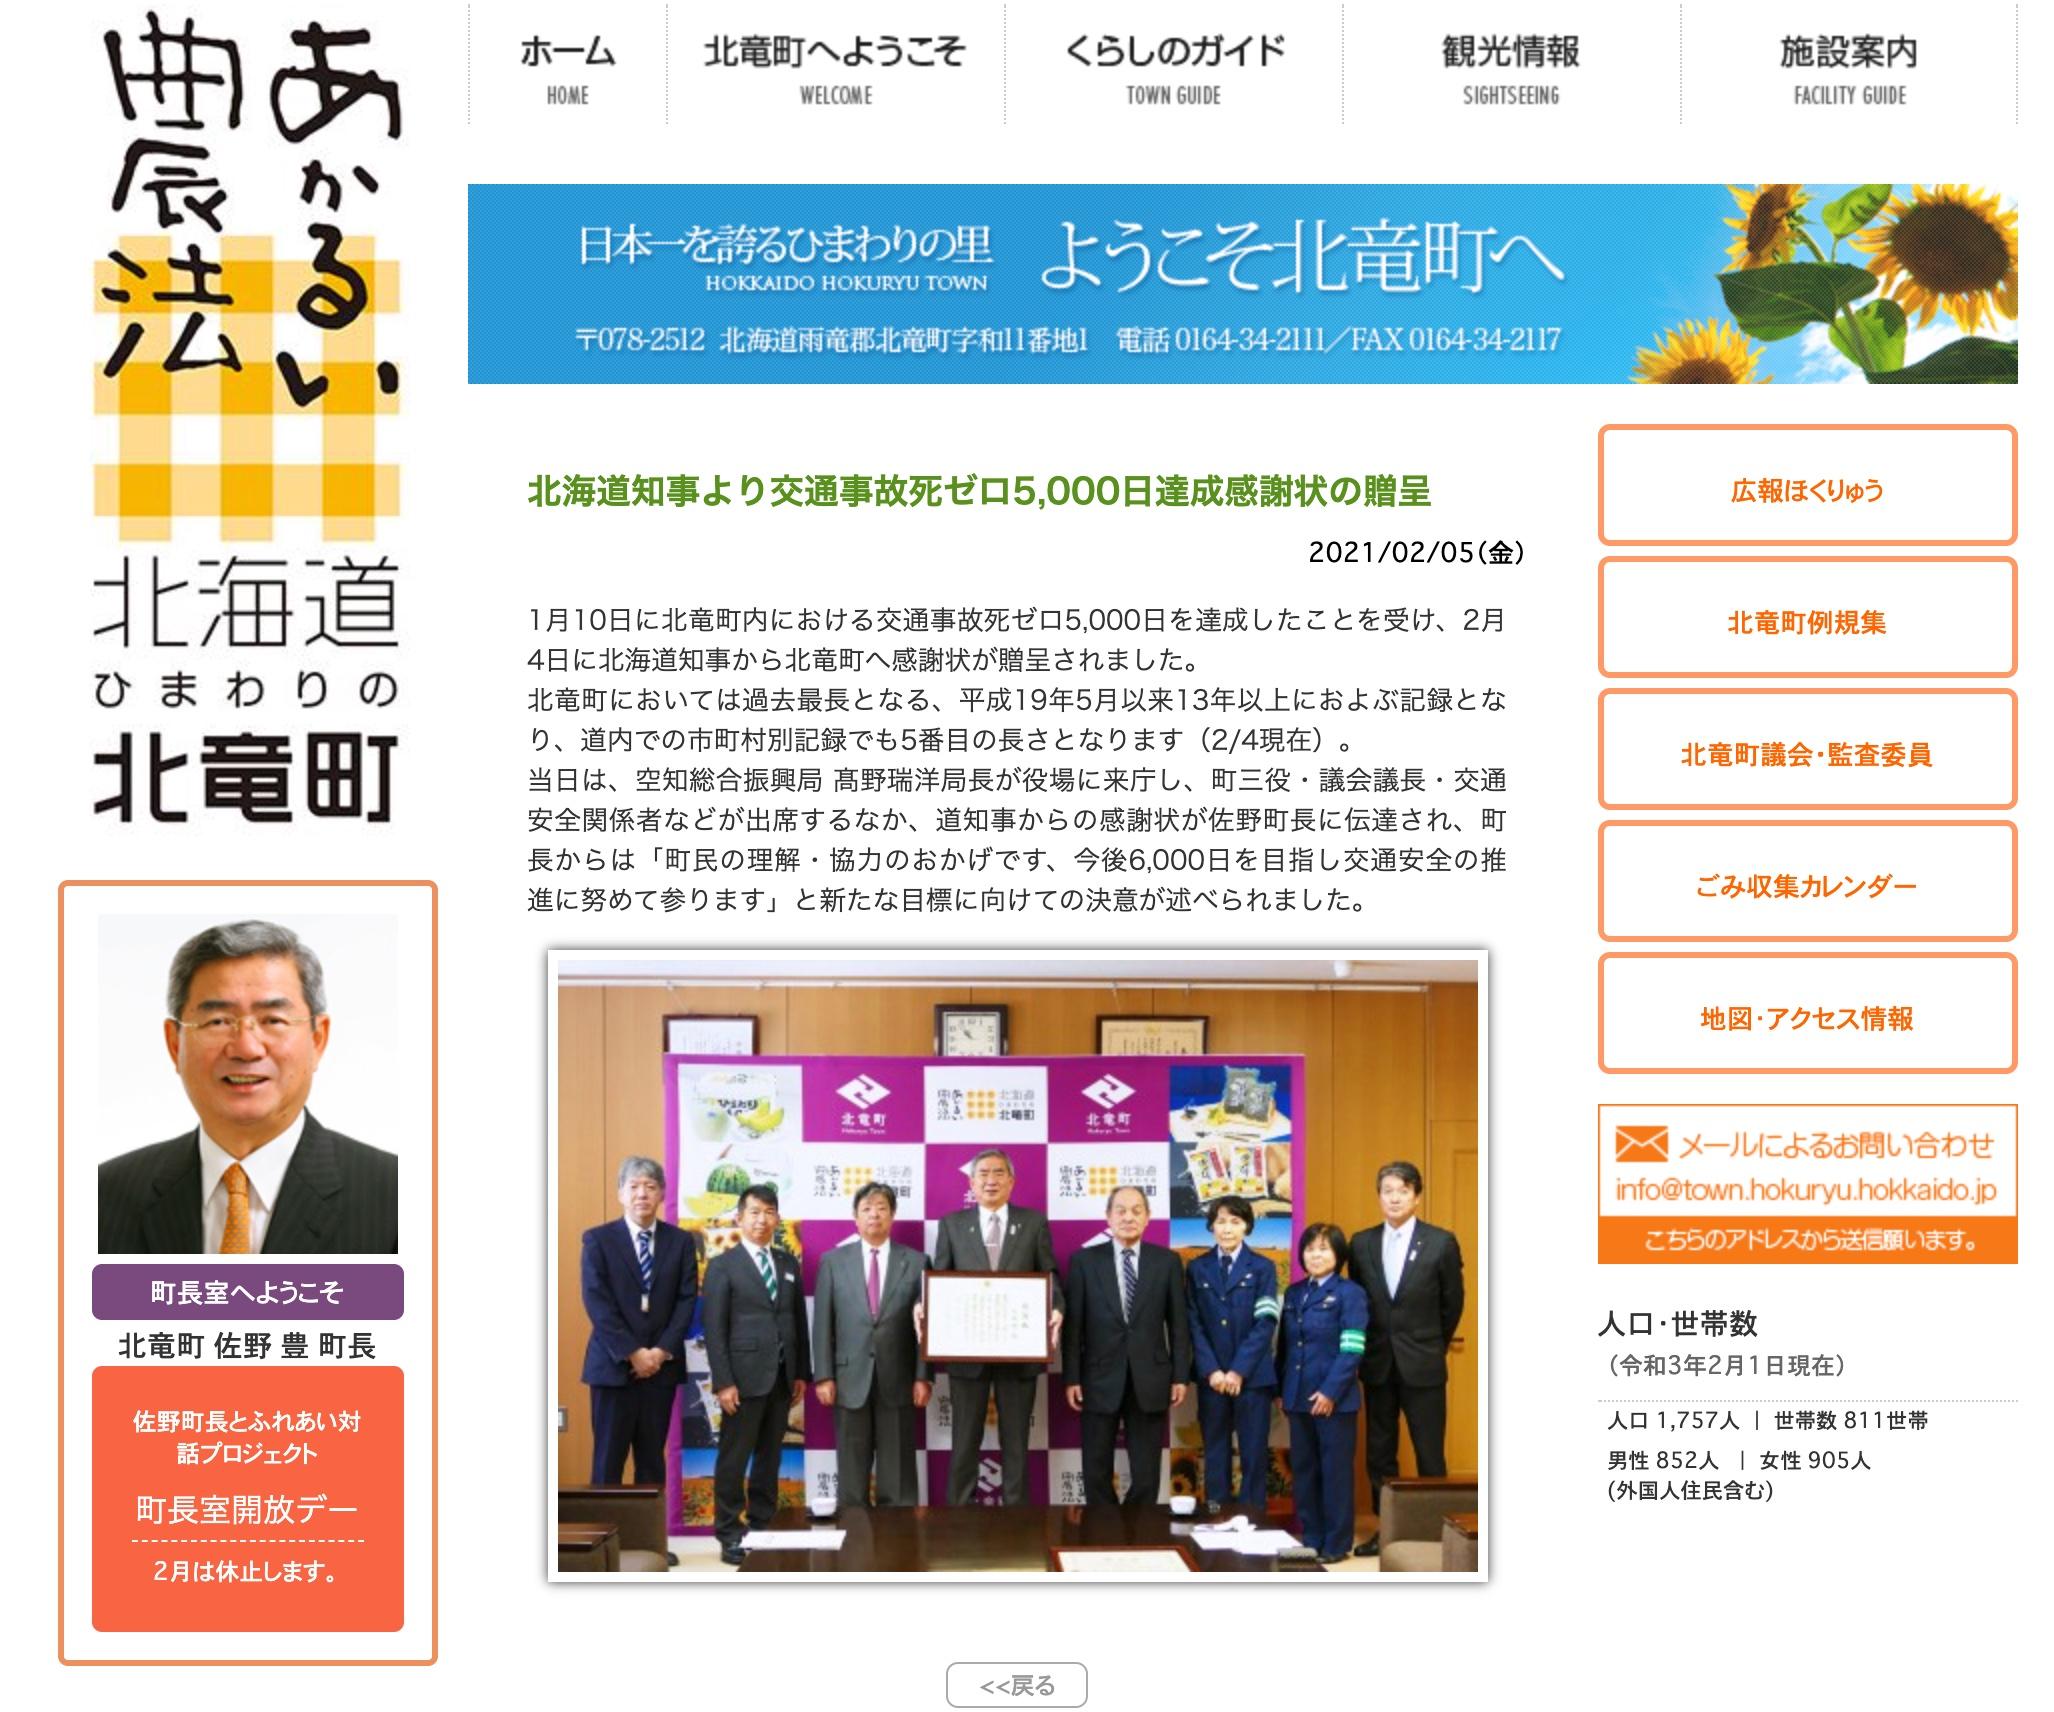 北海道知事より交通事故死ゼロ5,000日達成感謝状の贈呈